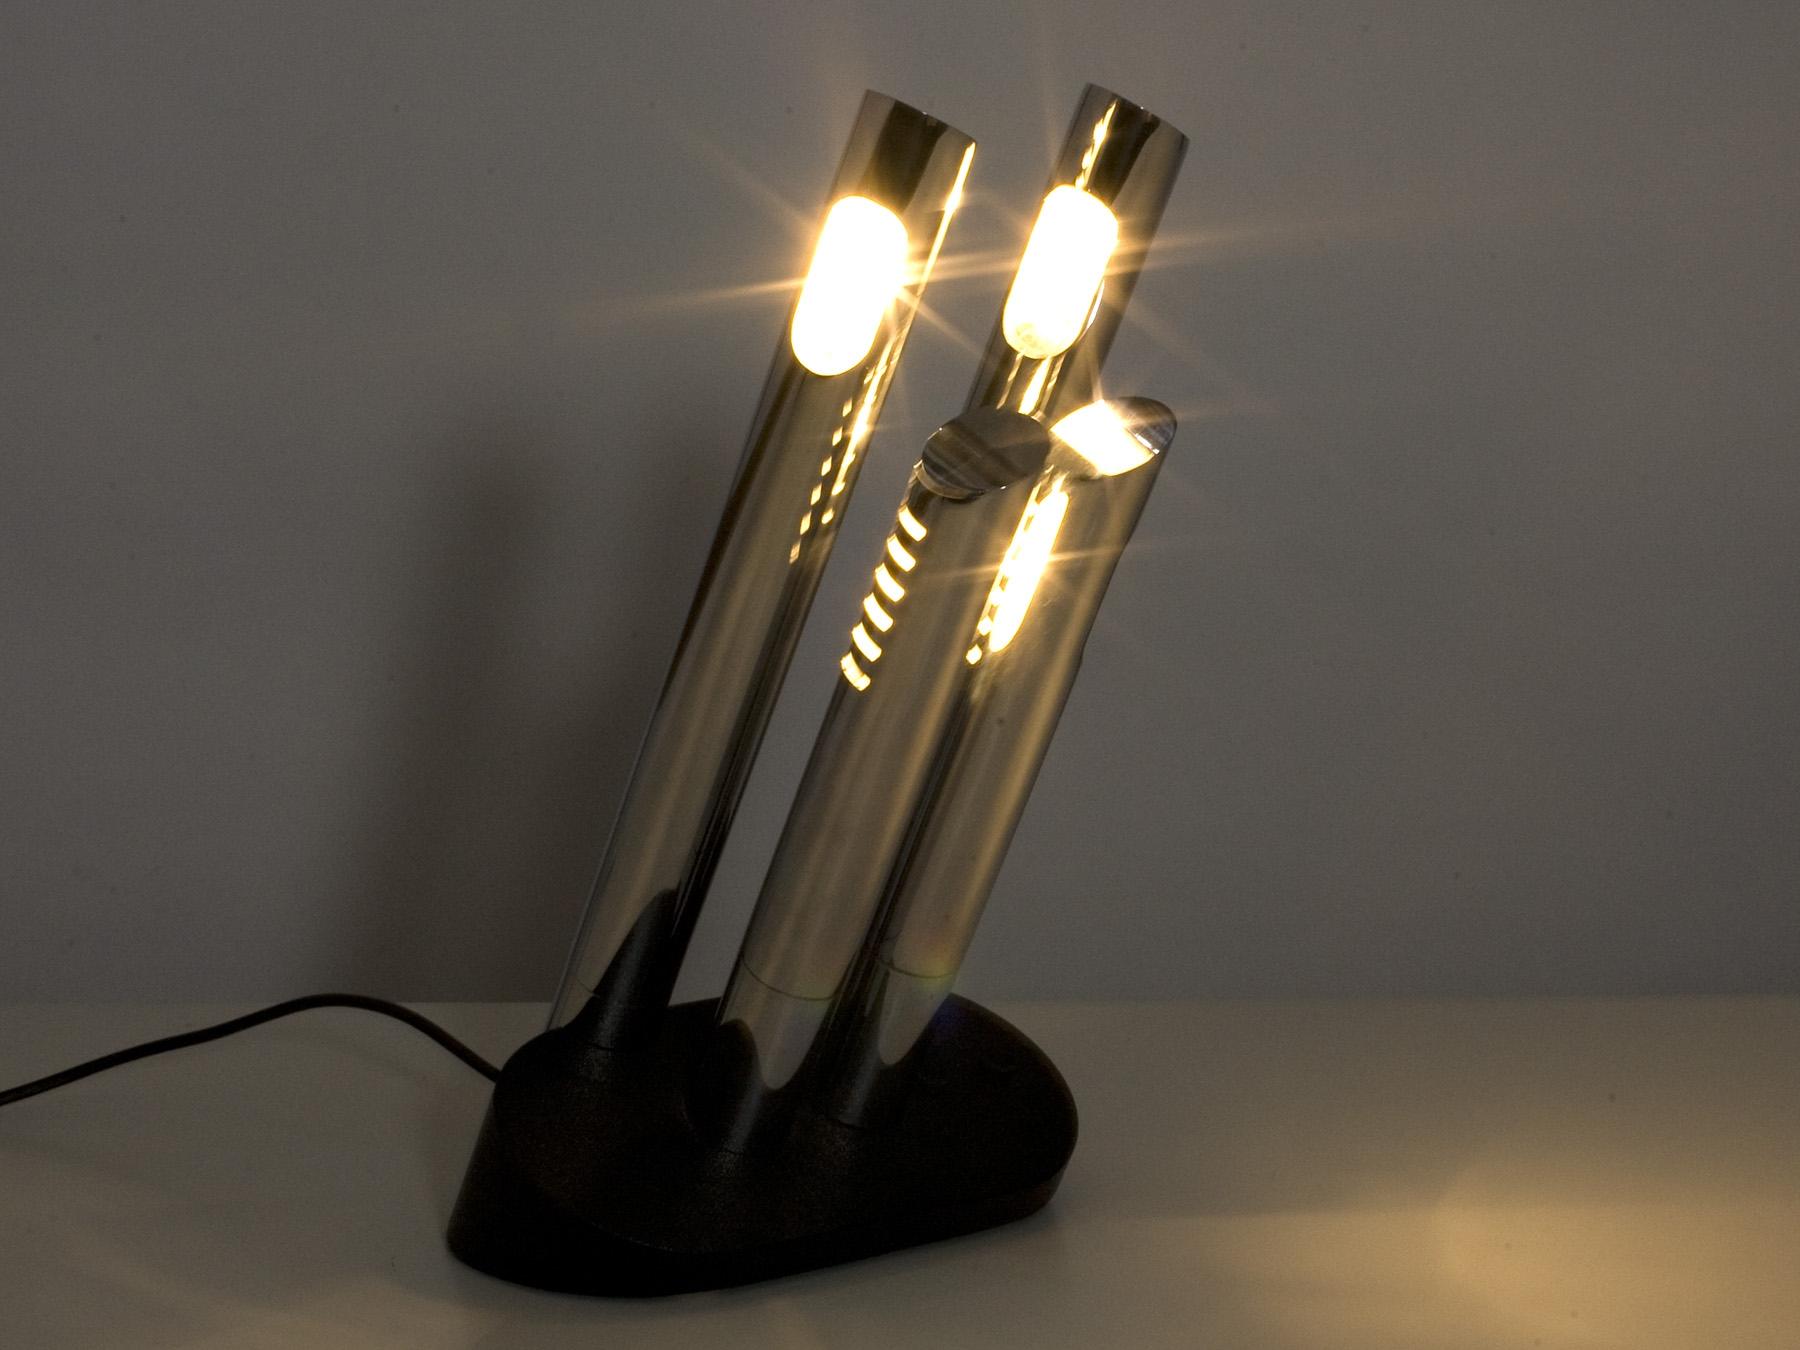 lampe-de-table-presidente-de-mario-faggian-image-02